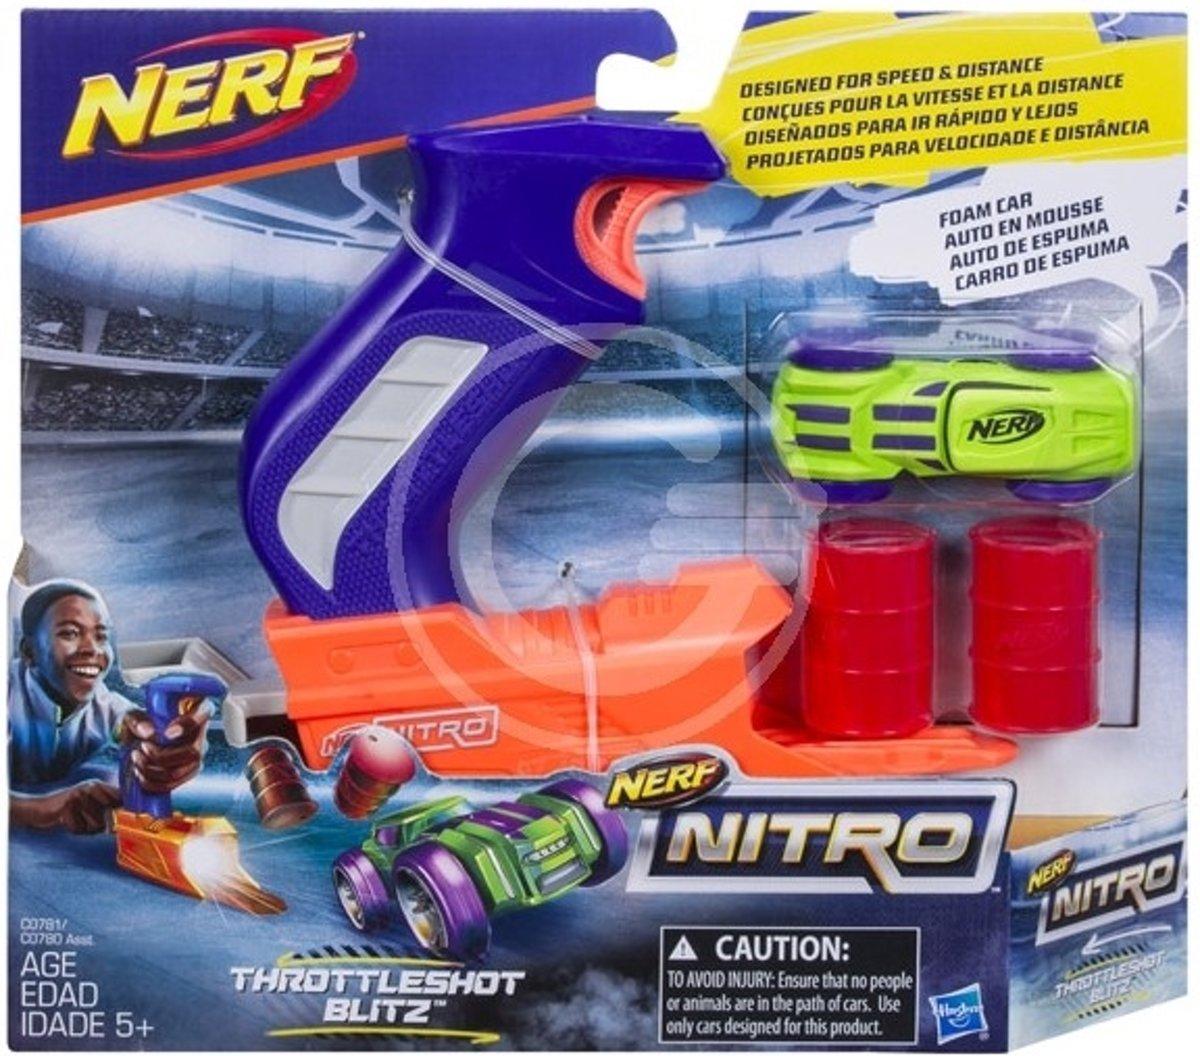 Hasbro Nerf Nitro Throttleshot Blitz